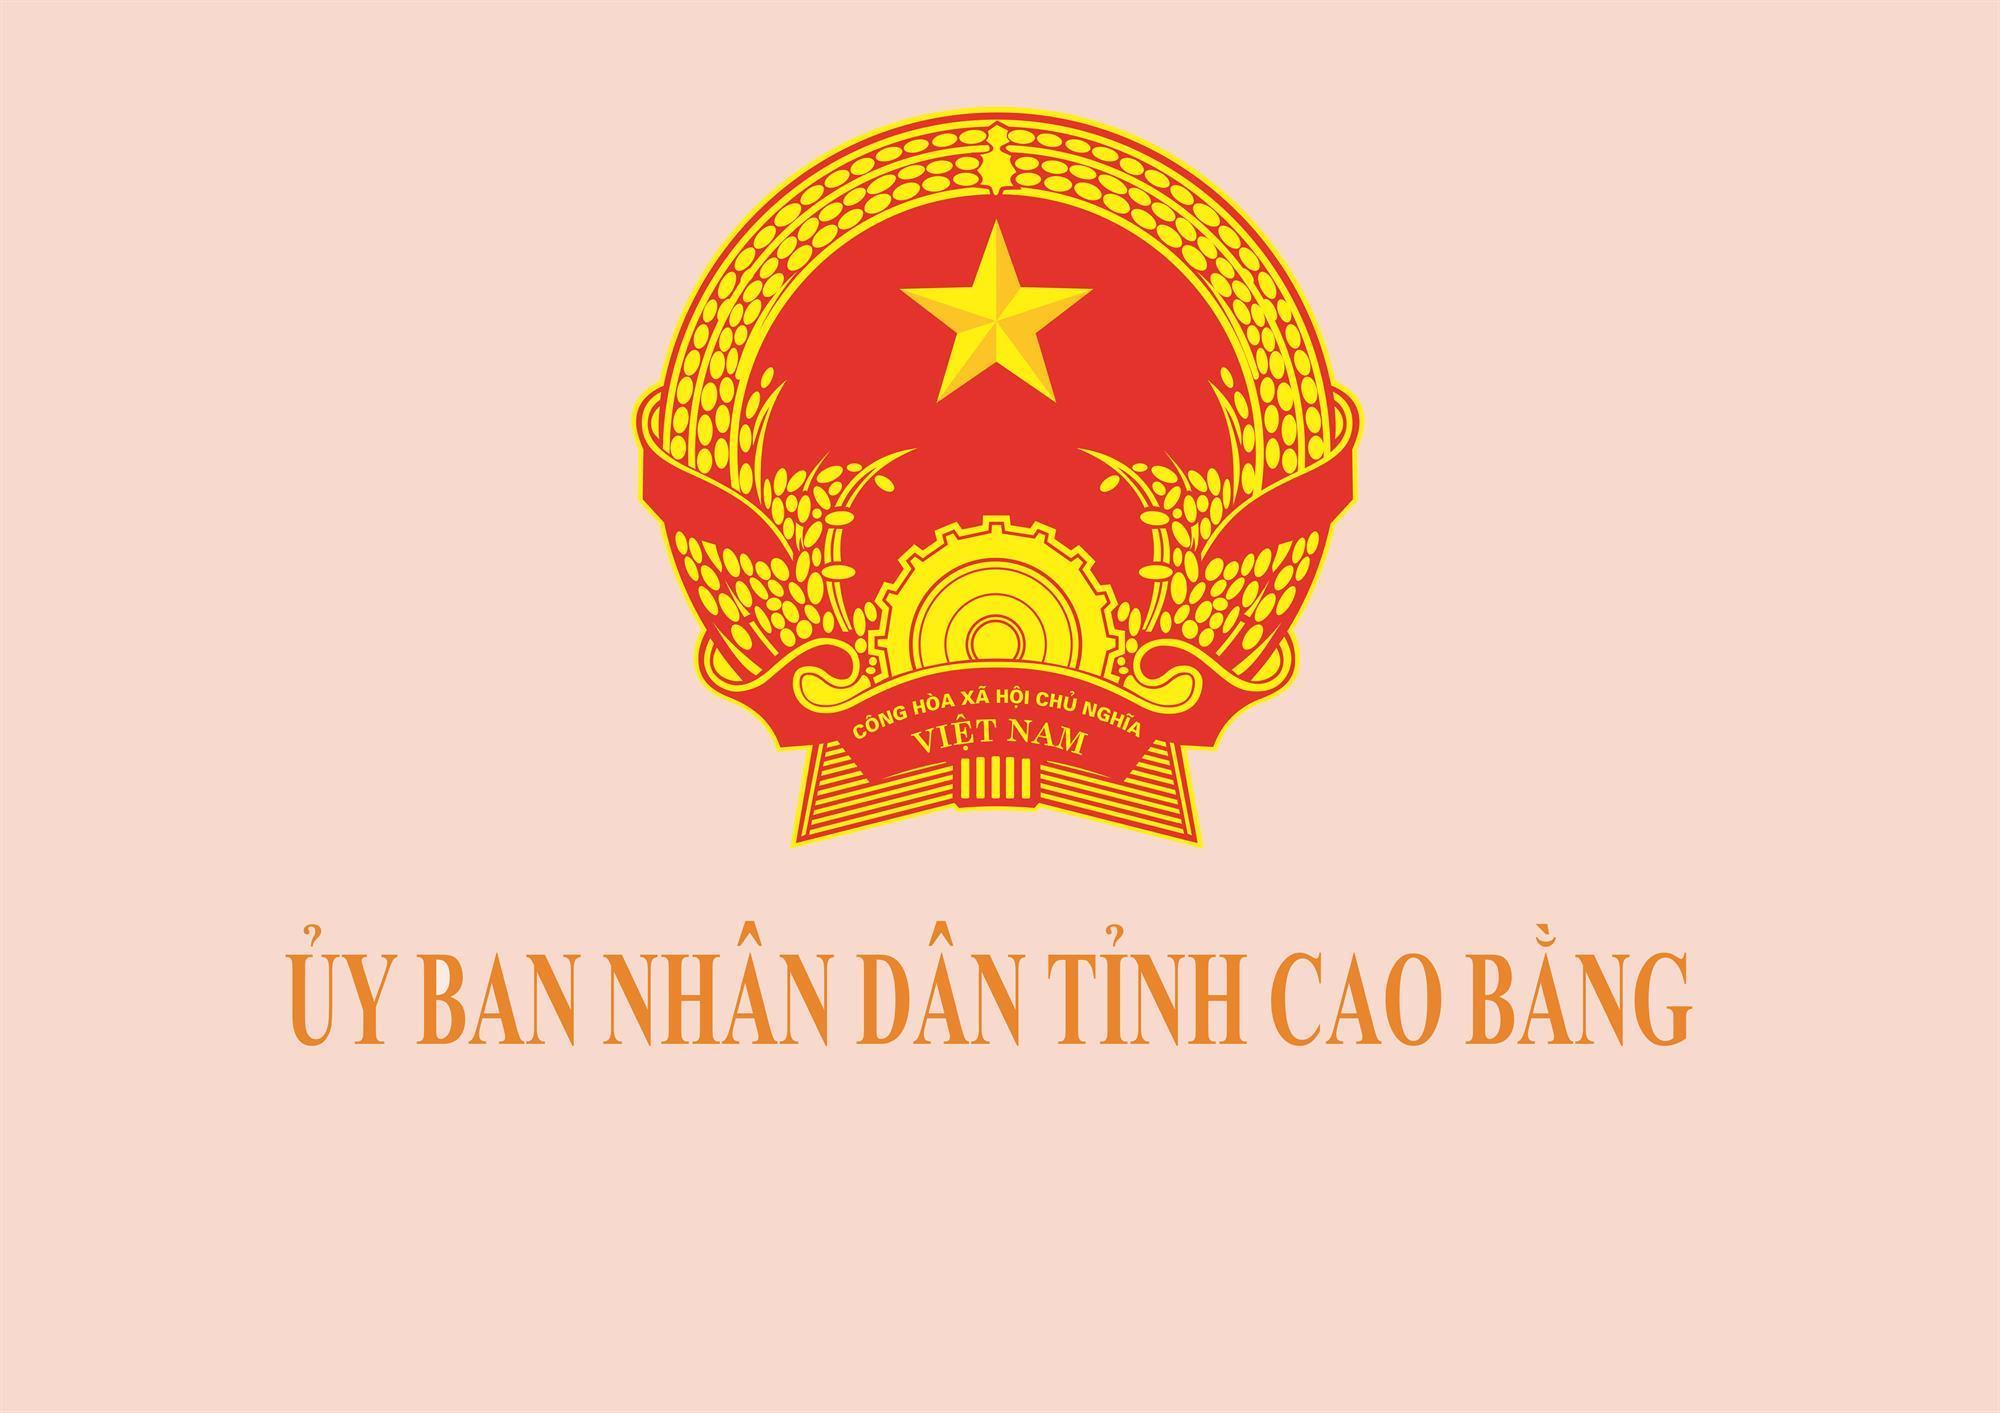 Công văn điều chỉnh hướng dẫn bổ sung của UBND tỉnh Cao Bằng